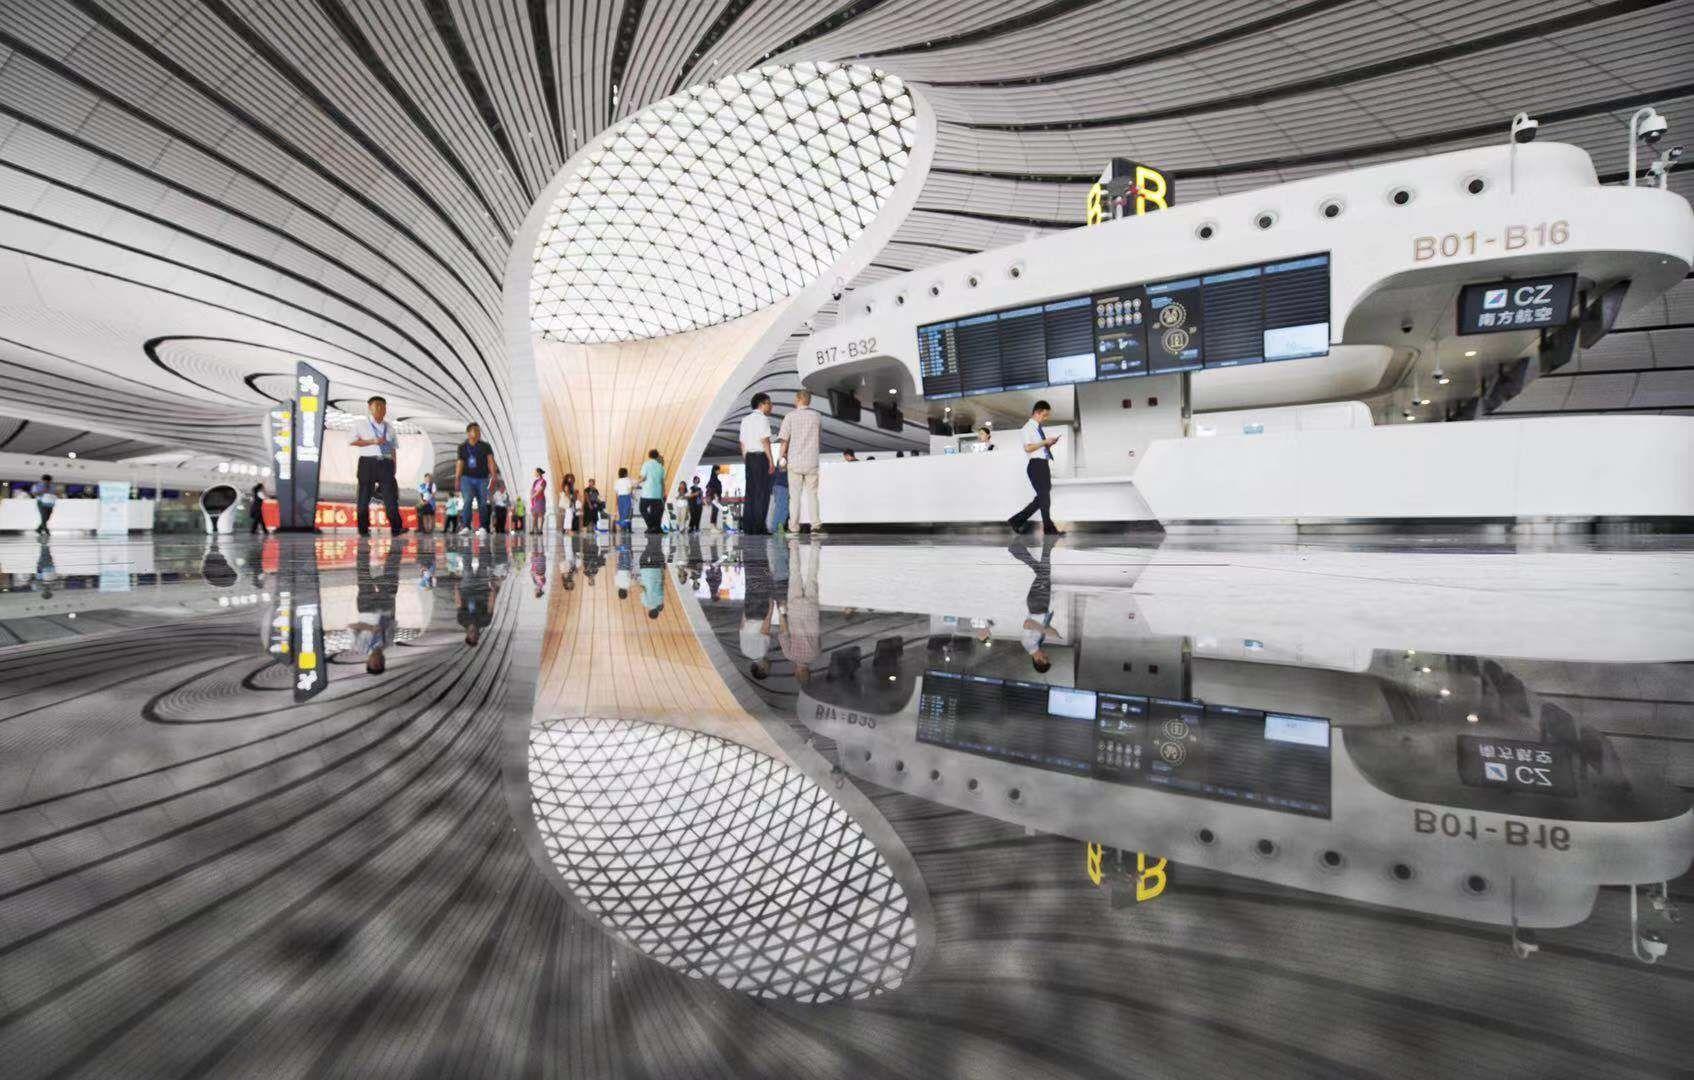 大興機場首次綜合演練,1182名旅客模擬值機